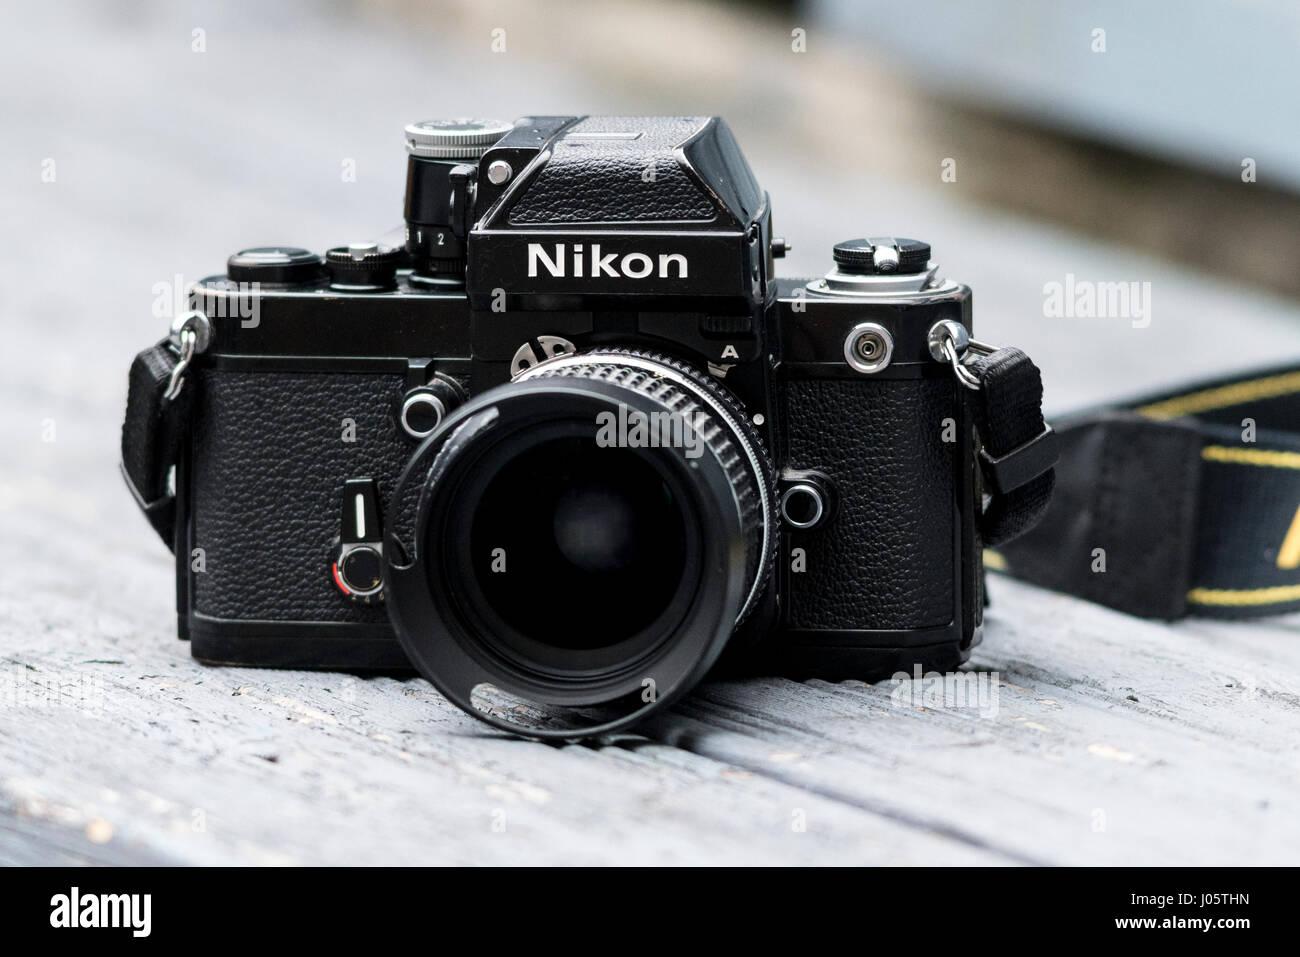 Nikon F2a Single Lens Reflex caméra 35 mm, publié la première fois en 1971. Banque D'Images